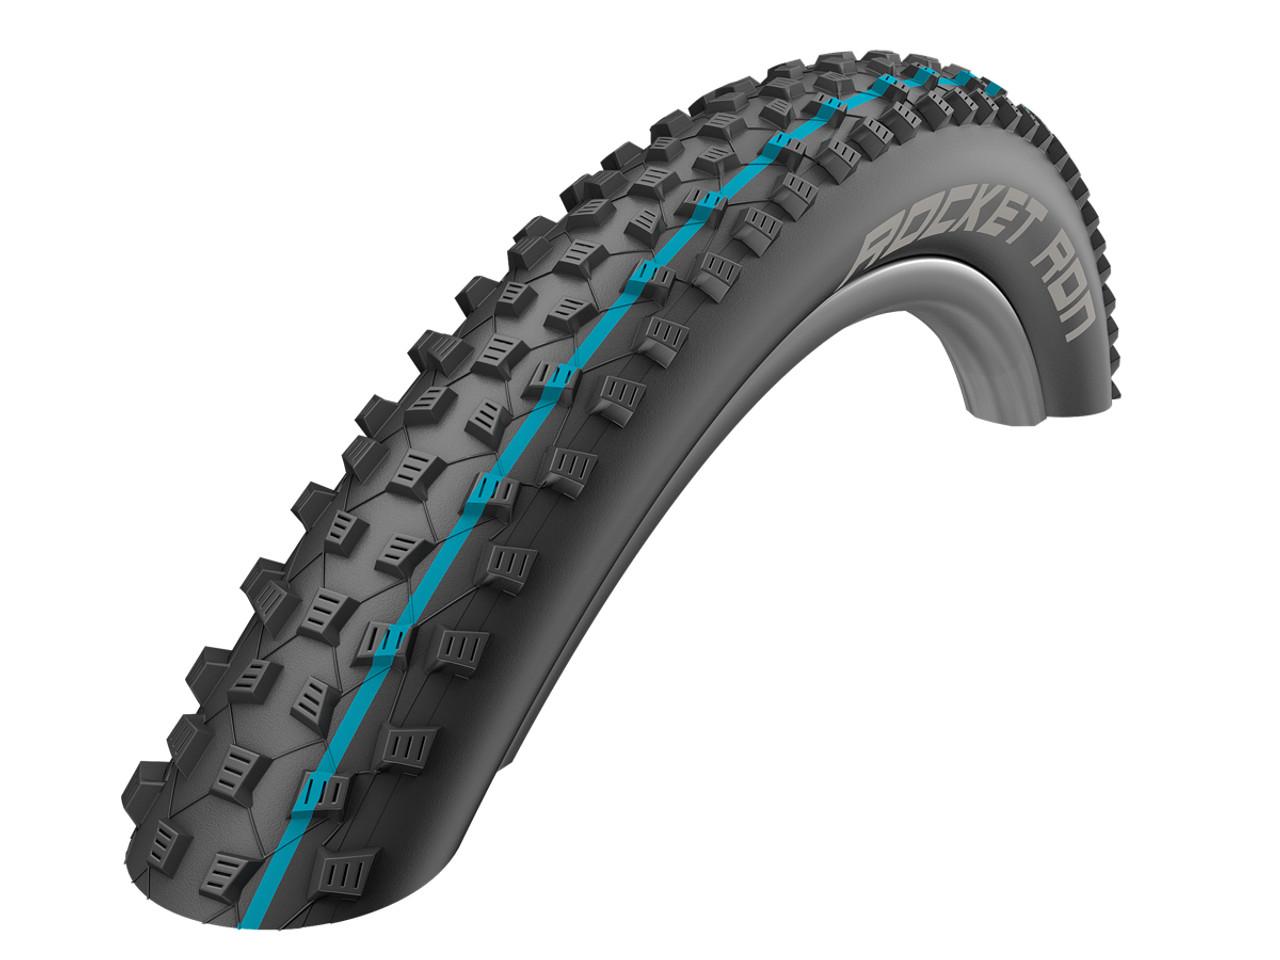 Schwalbe Addix Rocket Ron Evo SpeedGrip SnakeSkin TLR Folding Tyre 27.5 x 2.80